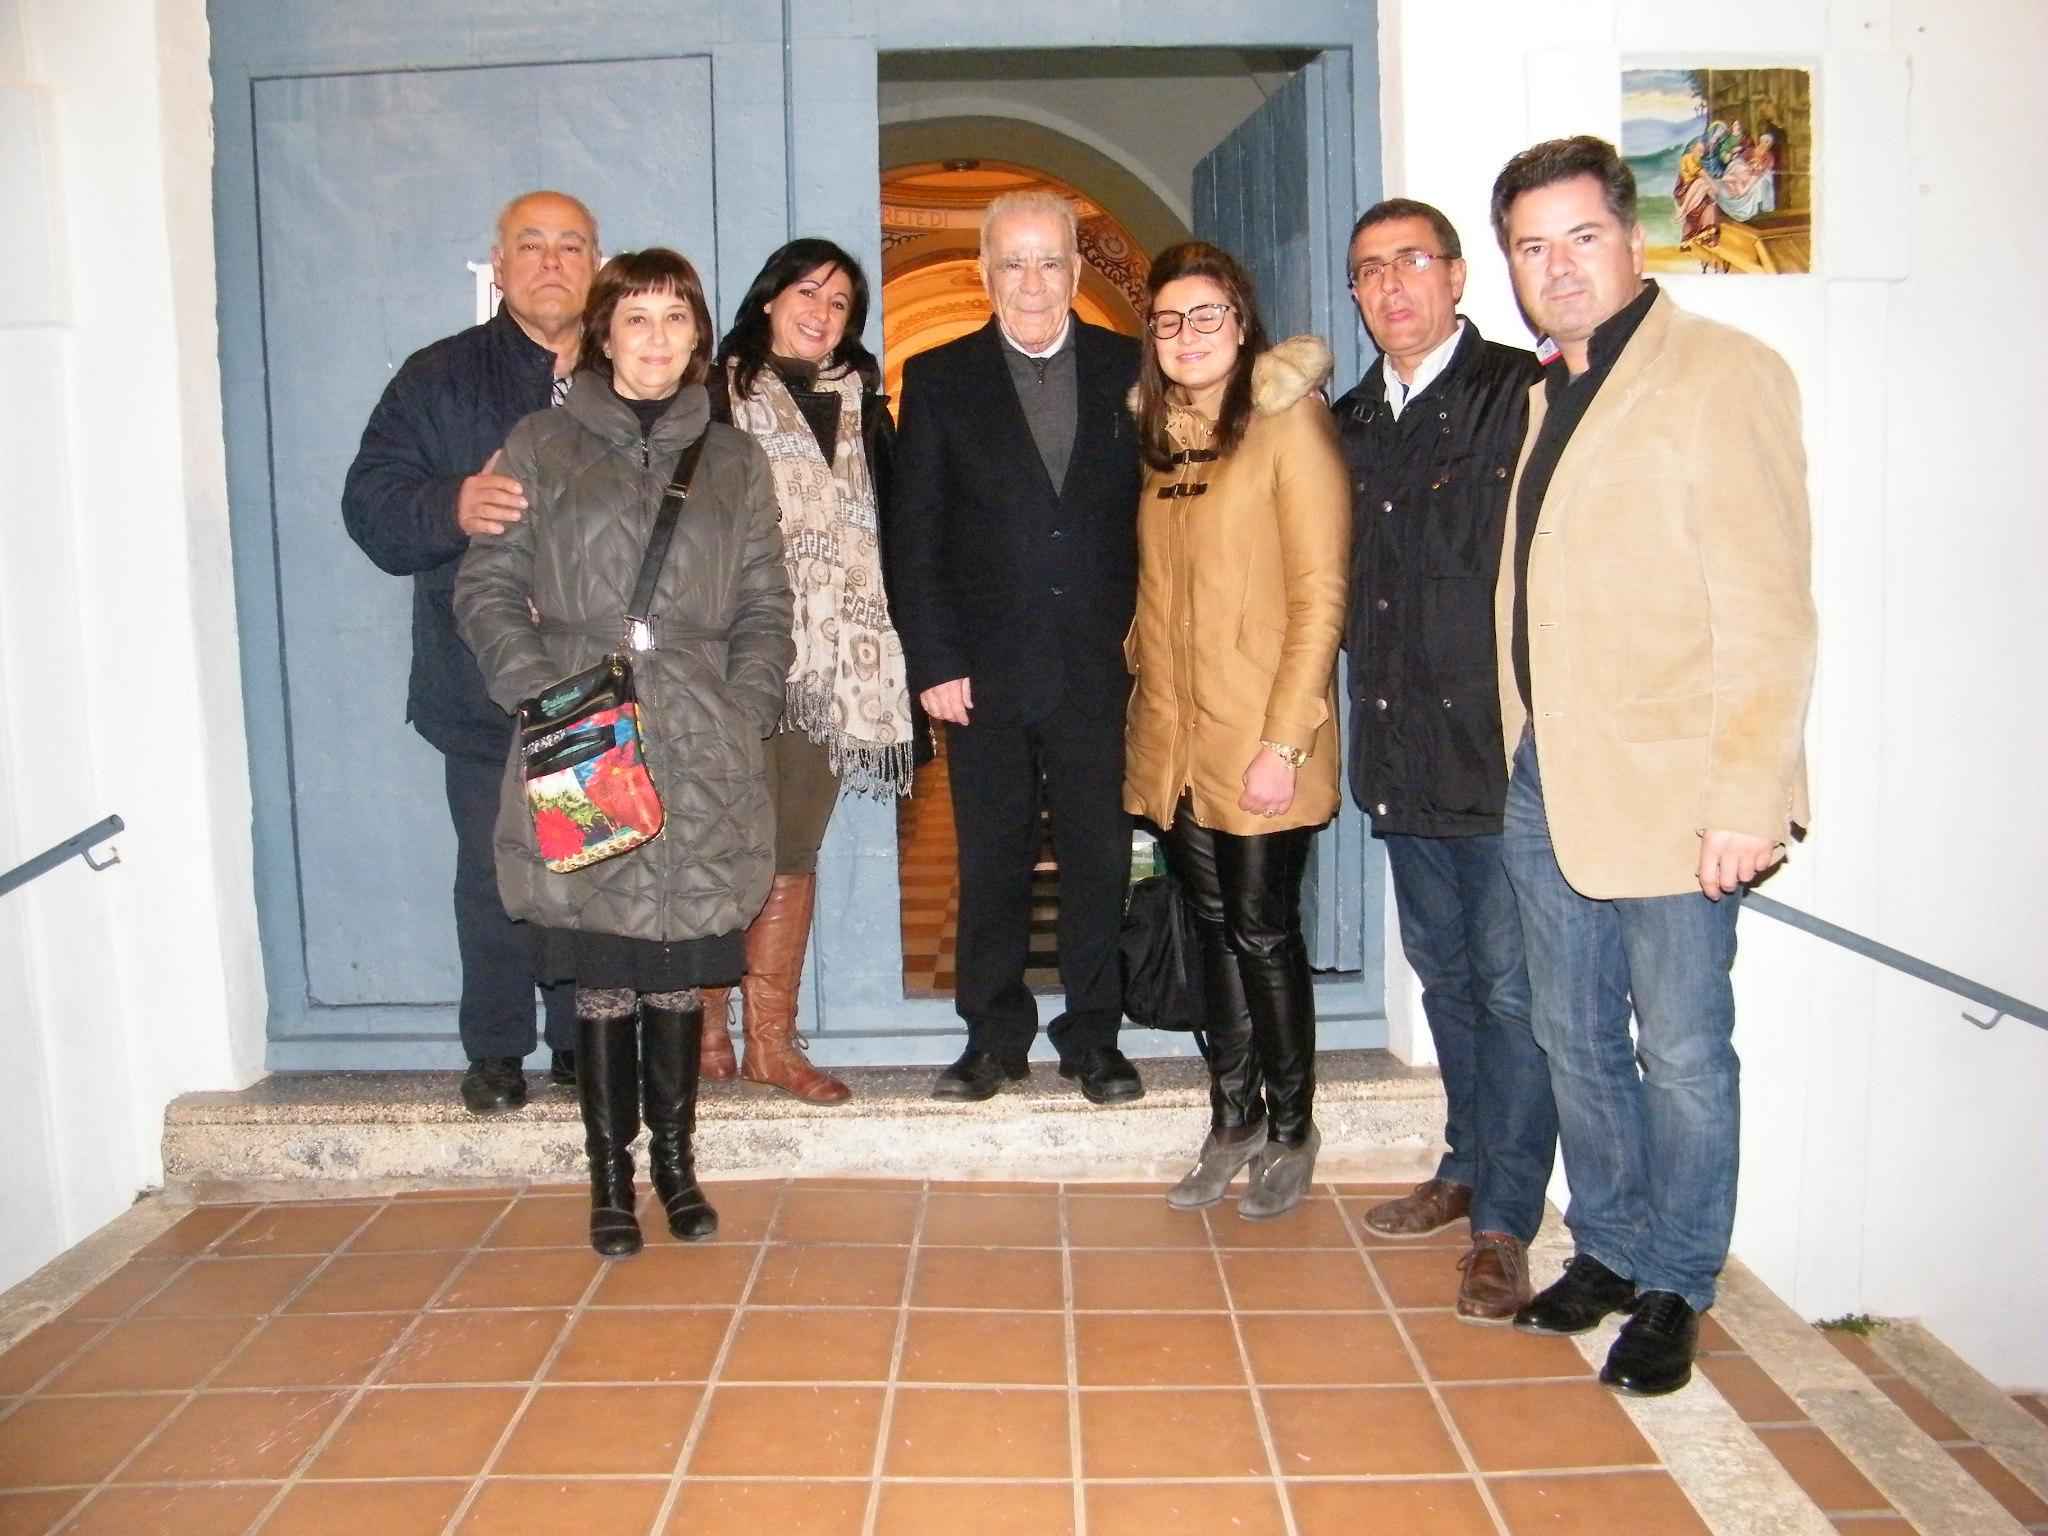 ElCristo - Actos - Actuación Musical Solidaria - Grupo Madrigal - (2016-01-29) - Gabriel Segura (04)